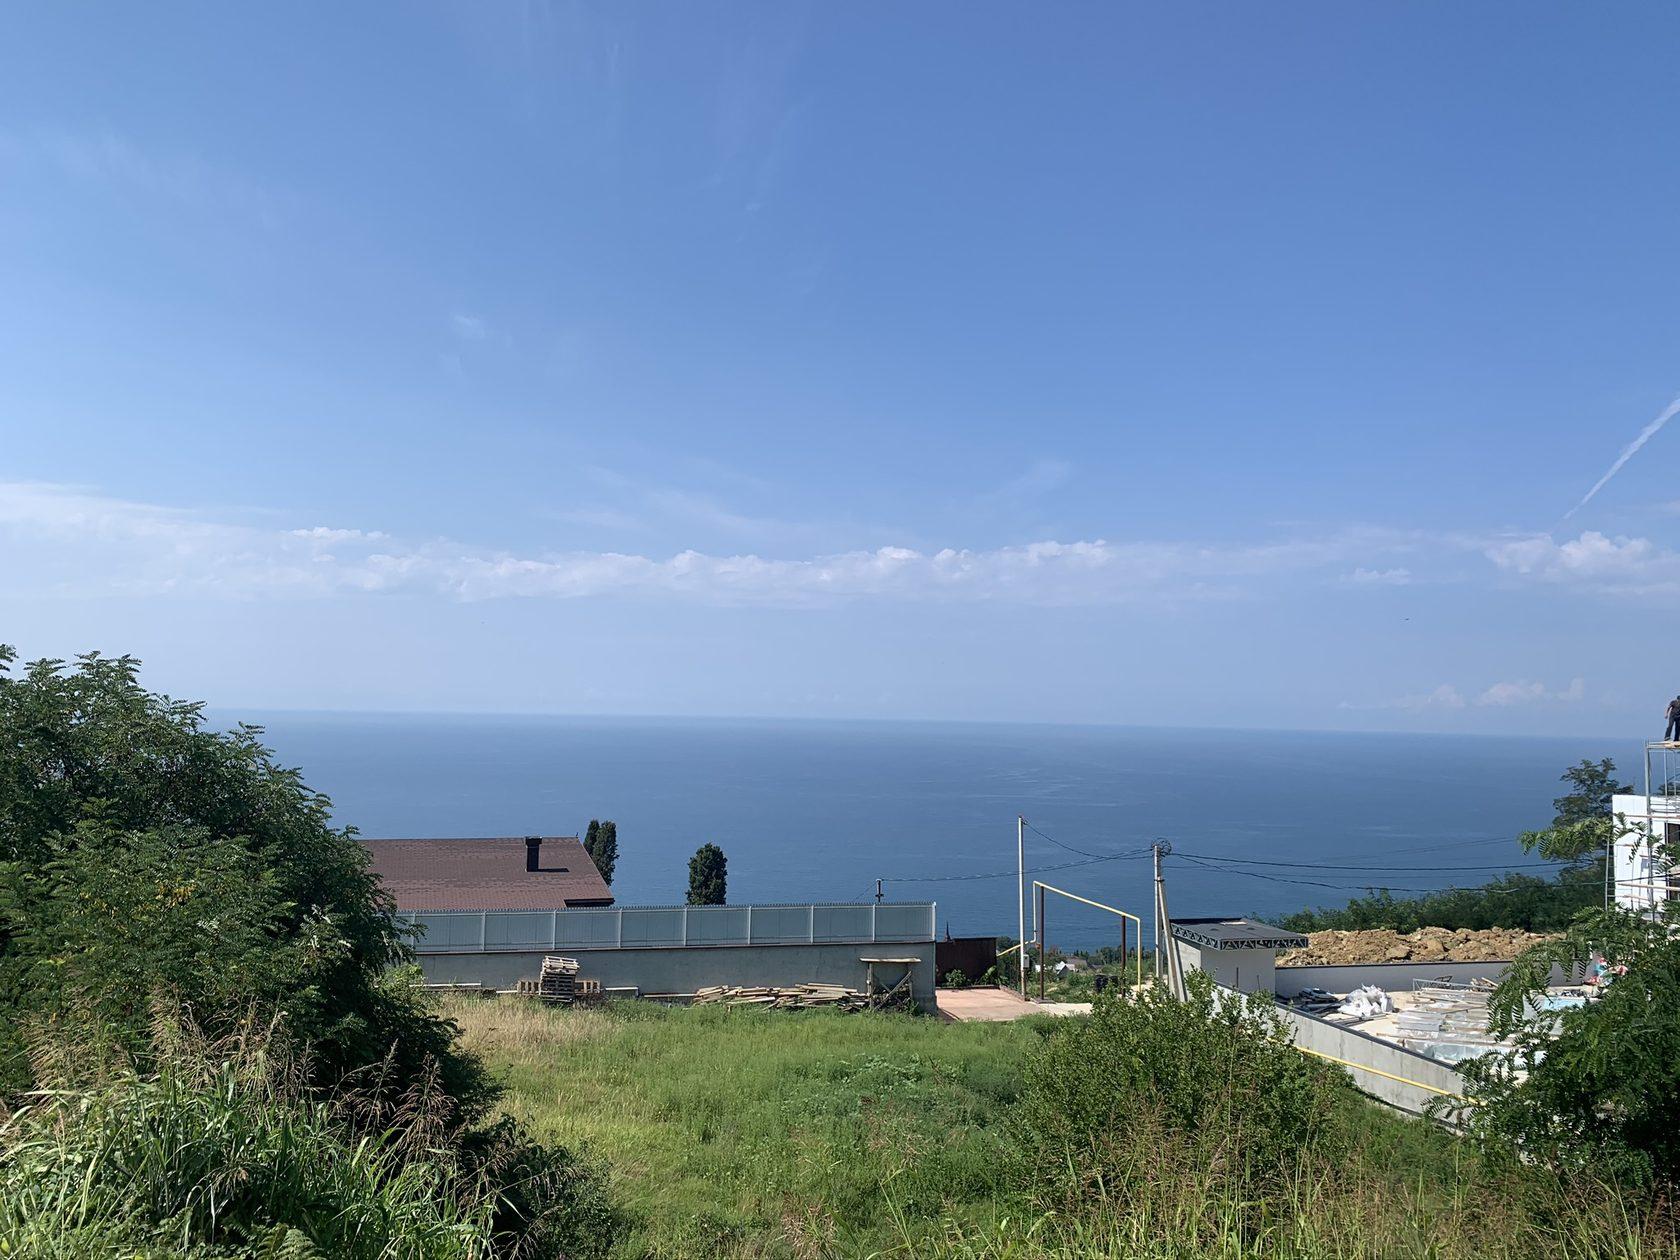 фотография, сочи, горизонт, черное море, участок, частный дом